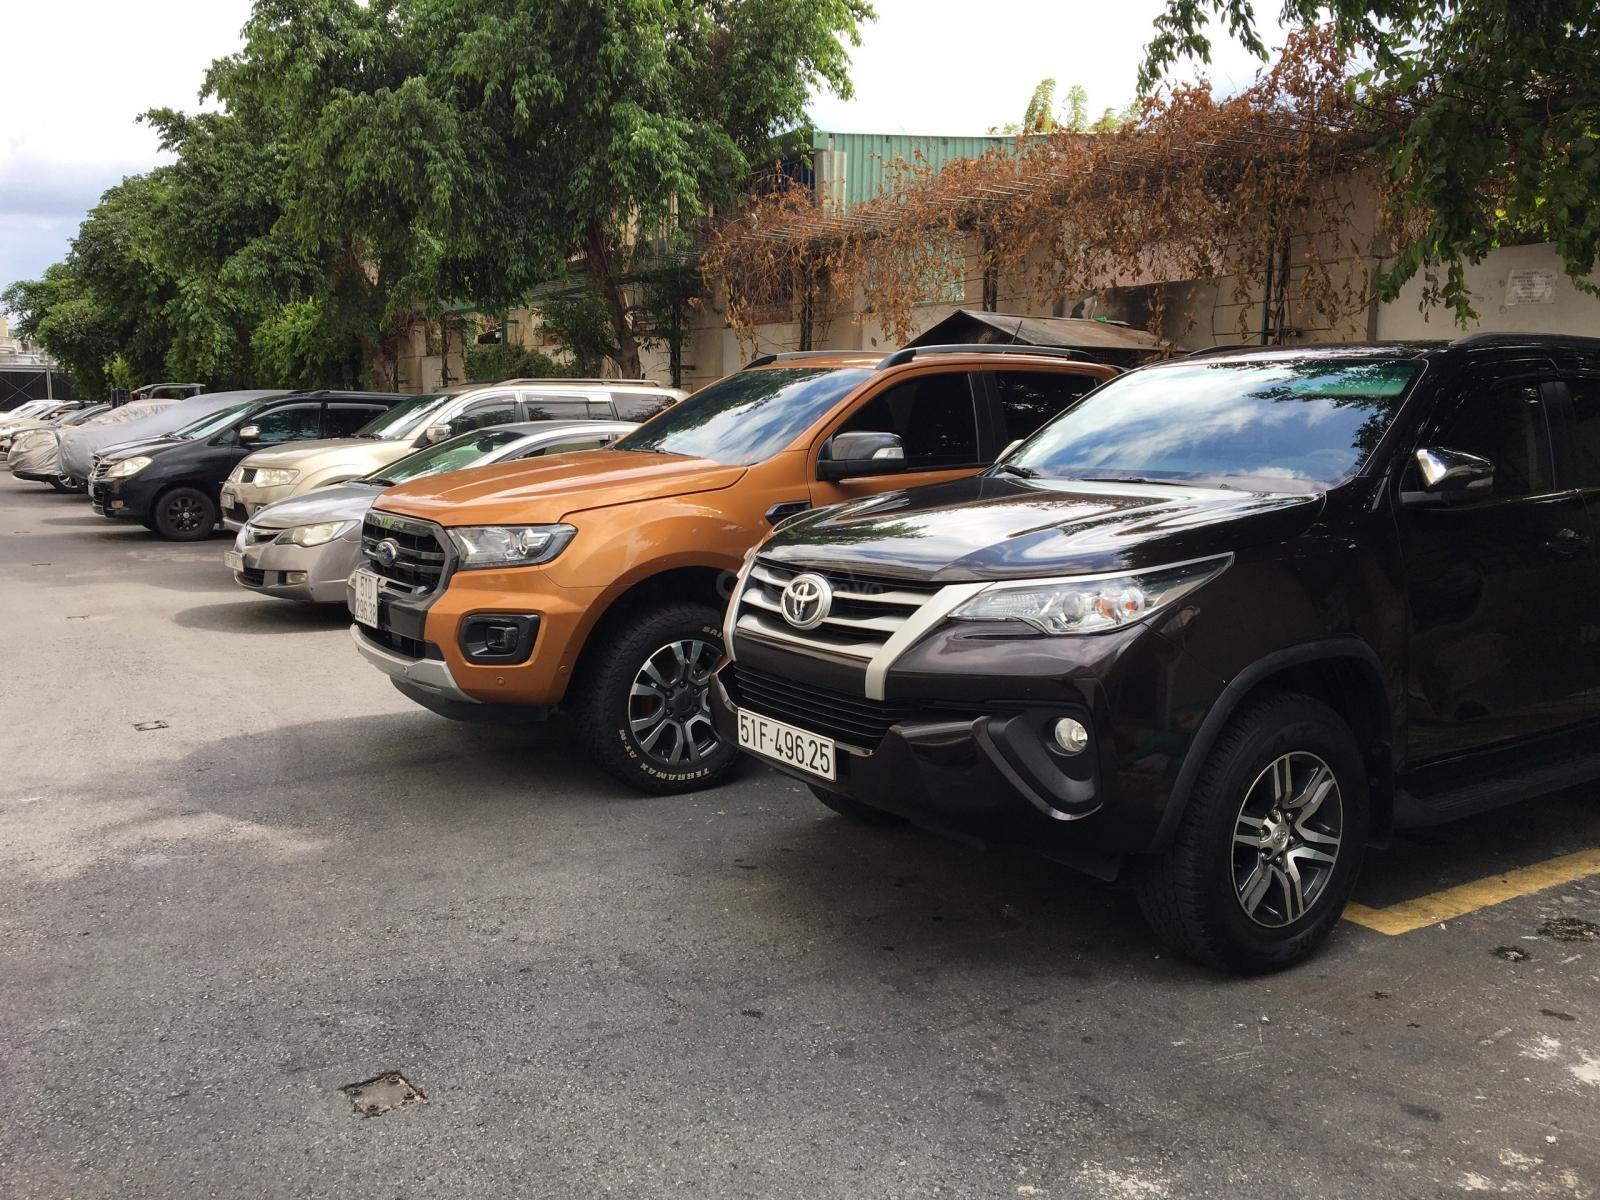 Chính chủ cần bán gấp Toyota Fortuner 2017, số sàn, giá mềm (3)